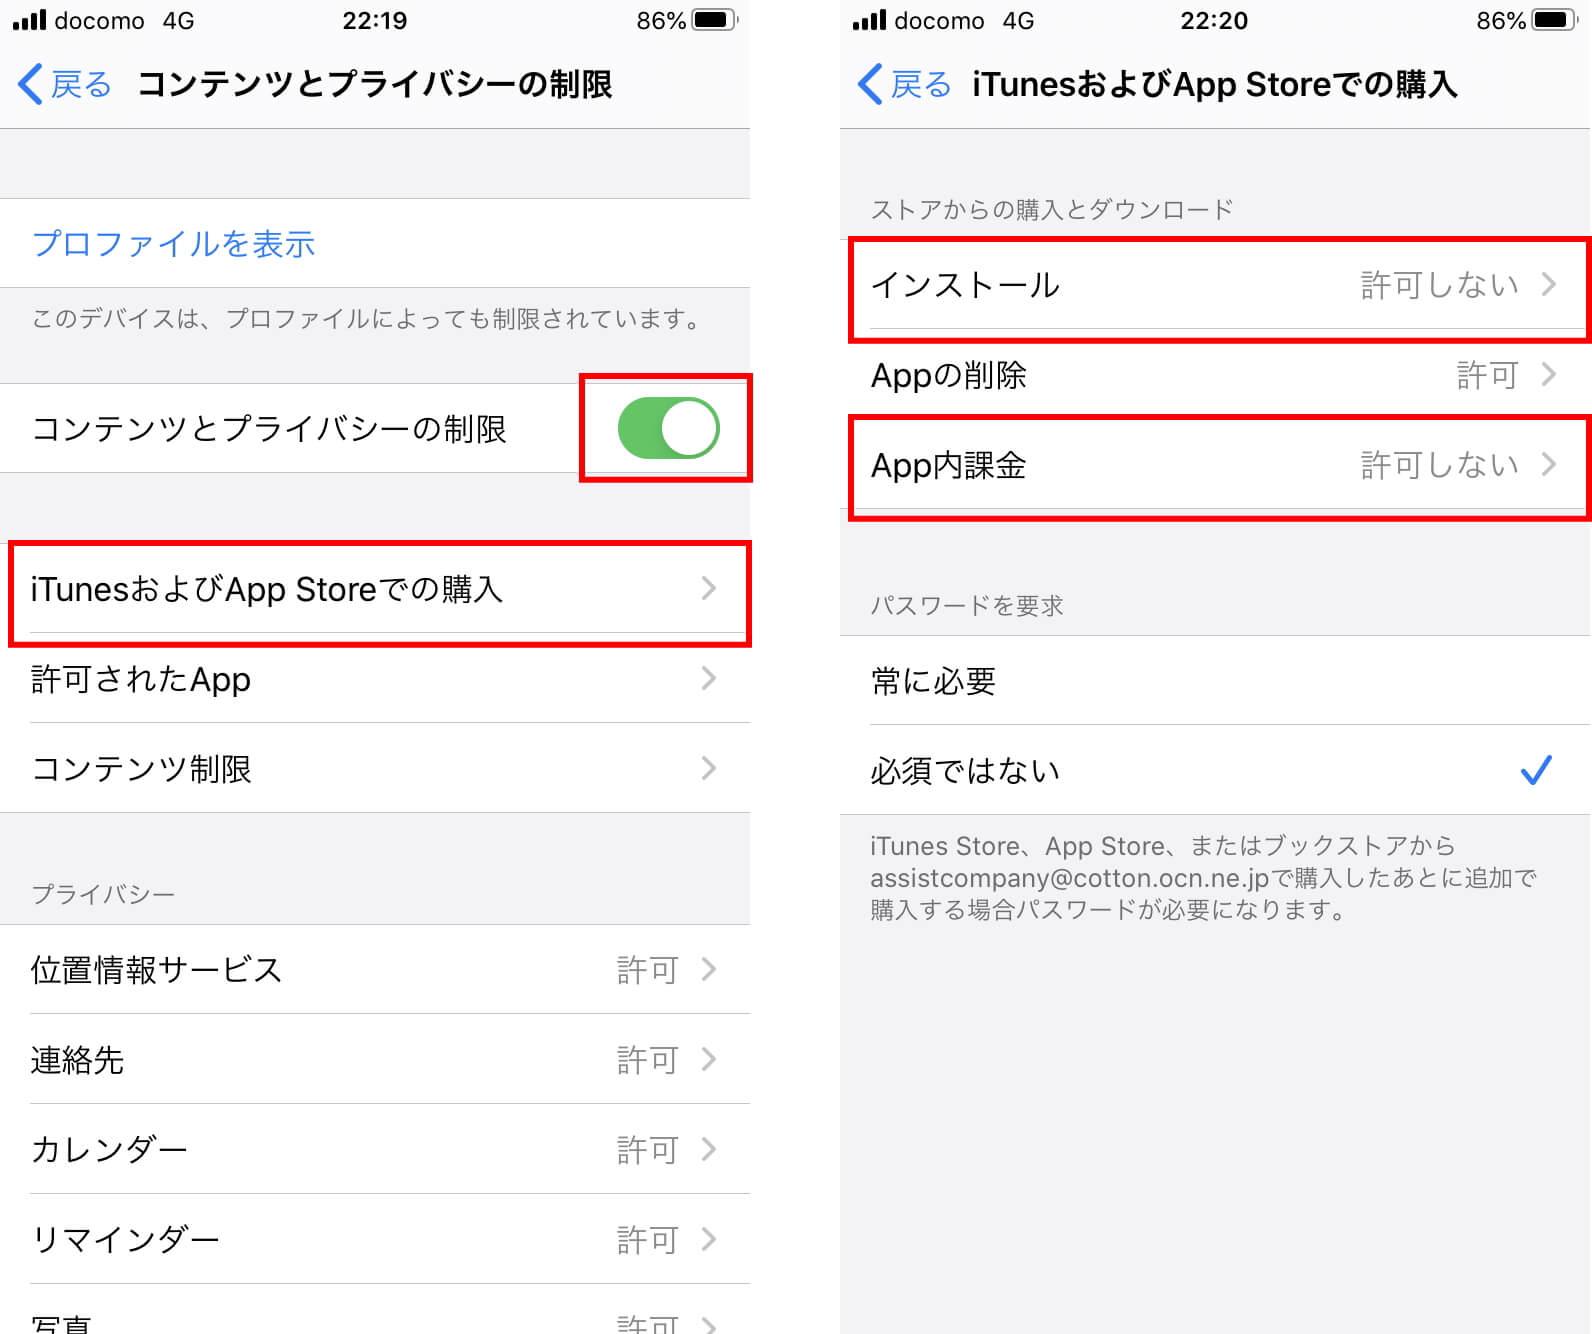 スクリーン タイム パス コード 変更 できない 【解決】iOS13のiPhoneでスクリーンタイム時のパスワードを変更できな...